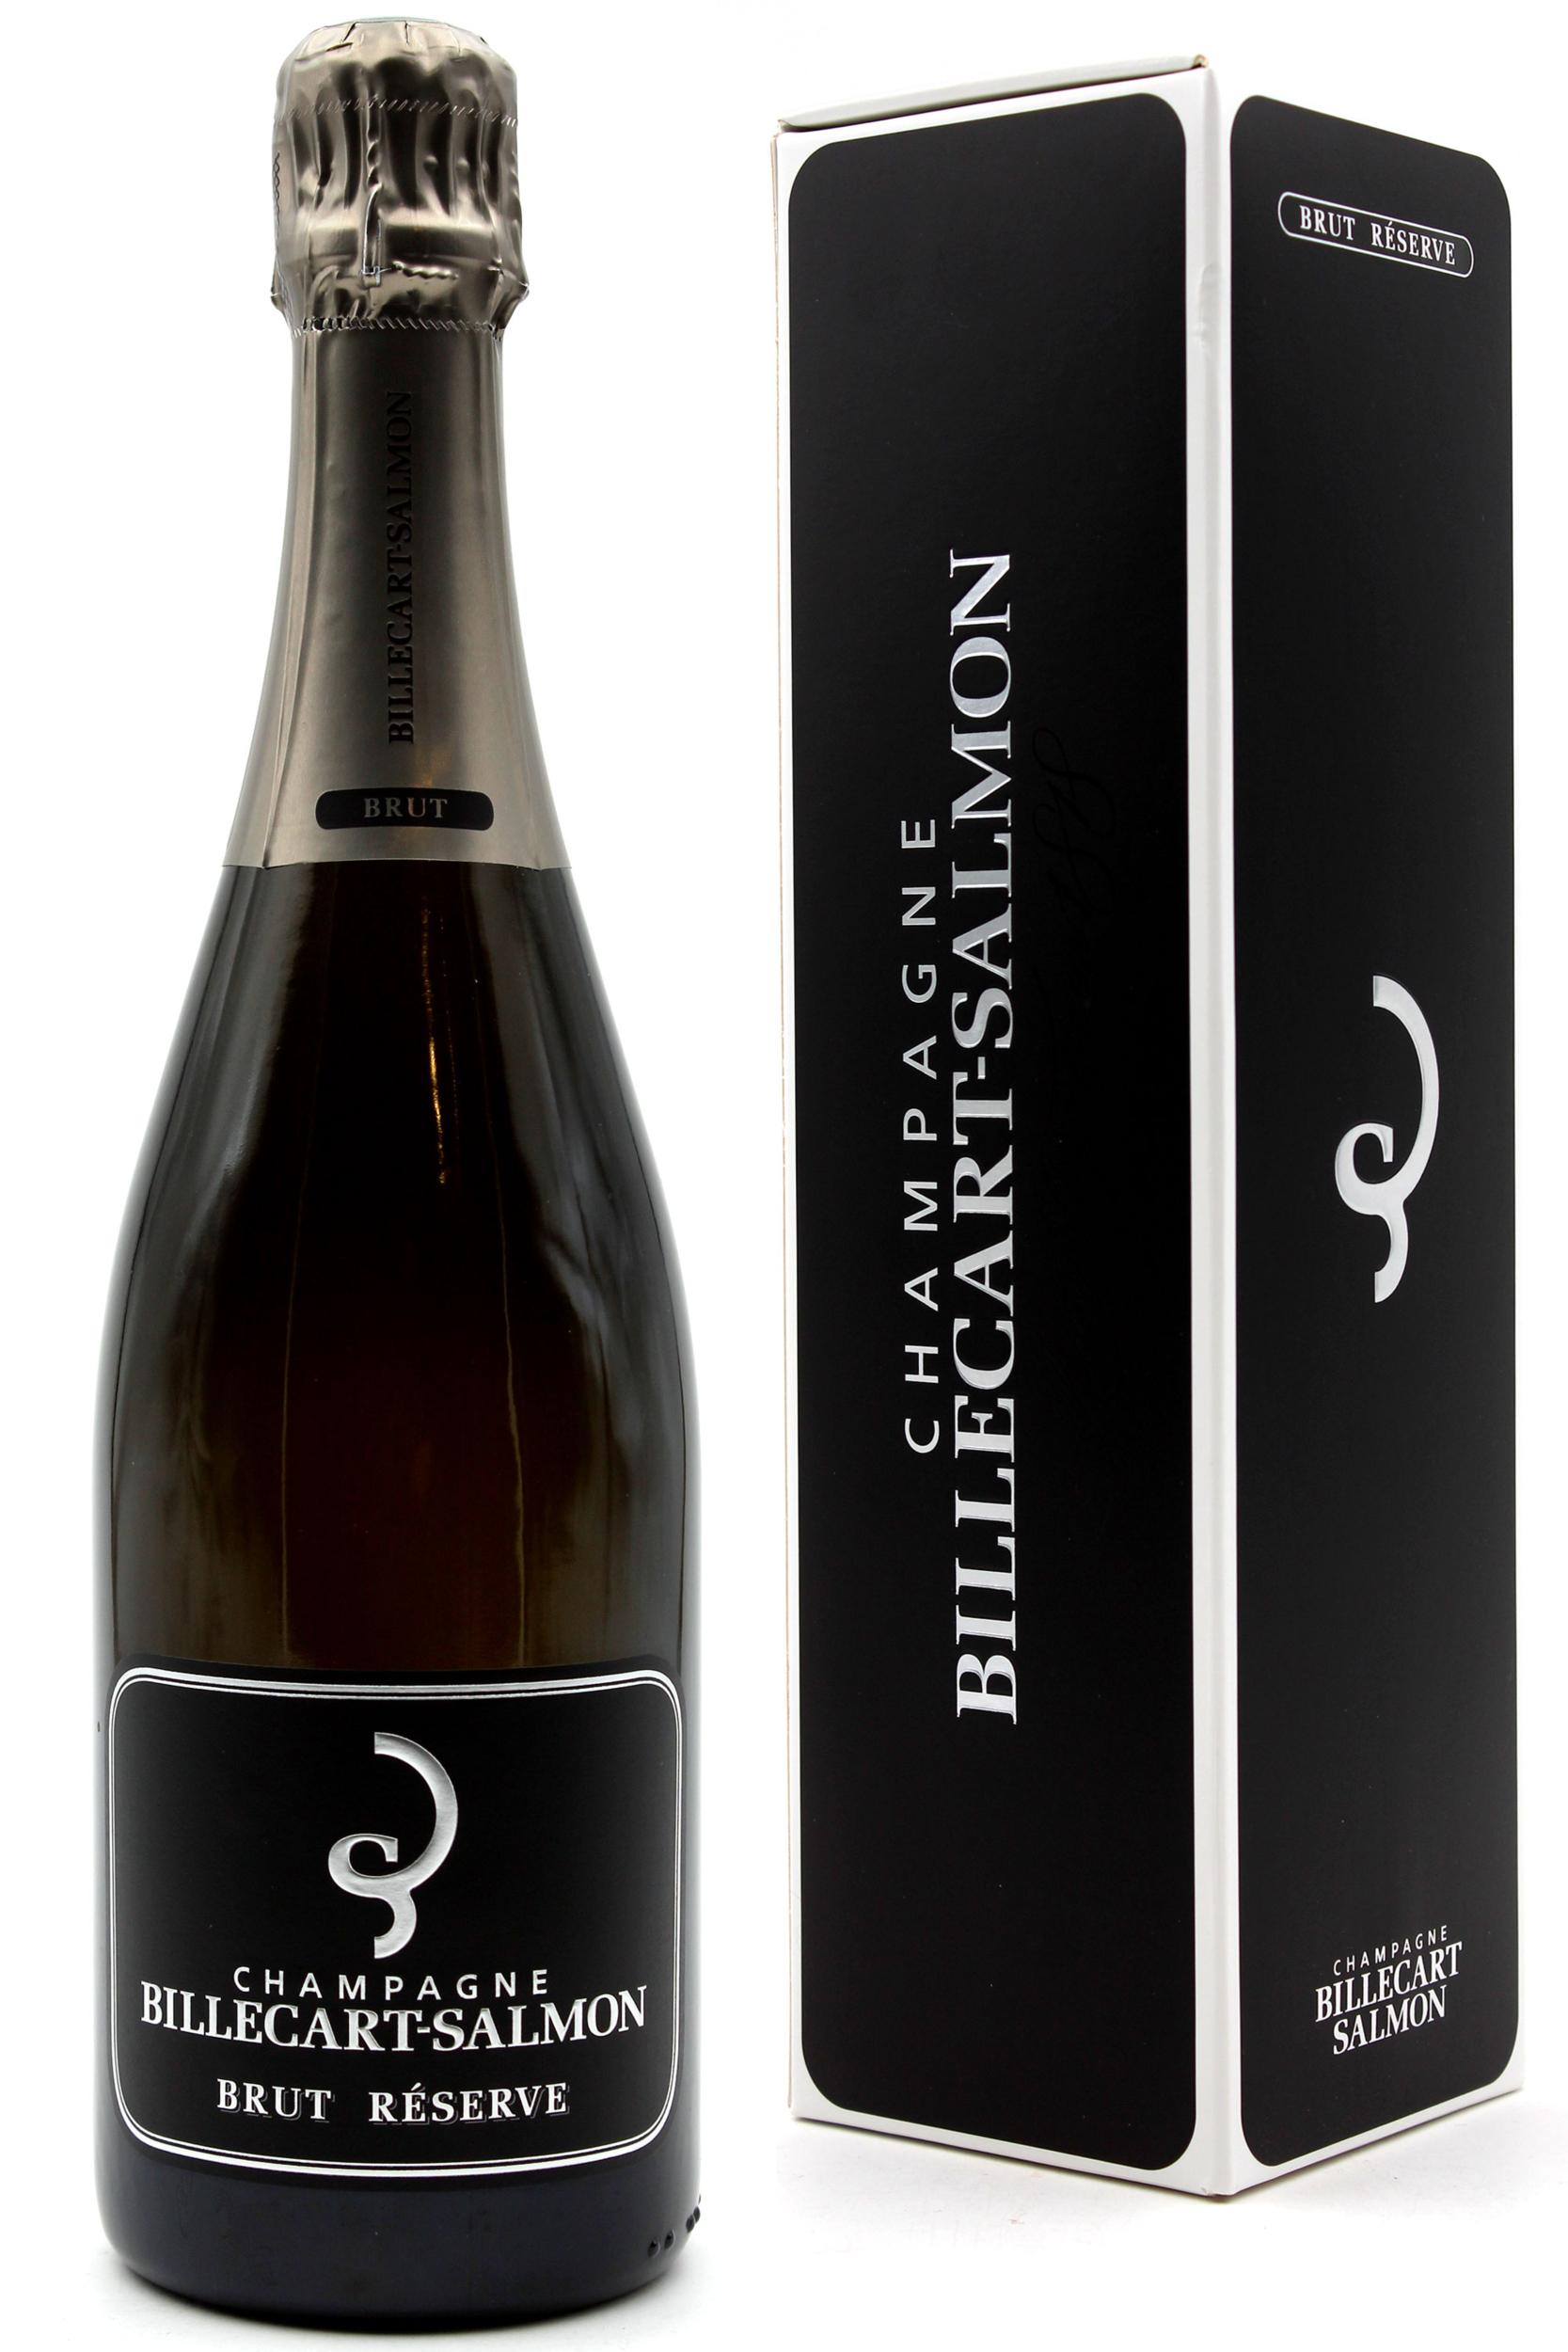 Champagne - Billecart-Salmon - Brut Réserve  - 75cl